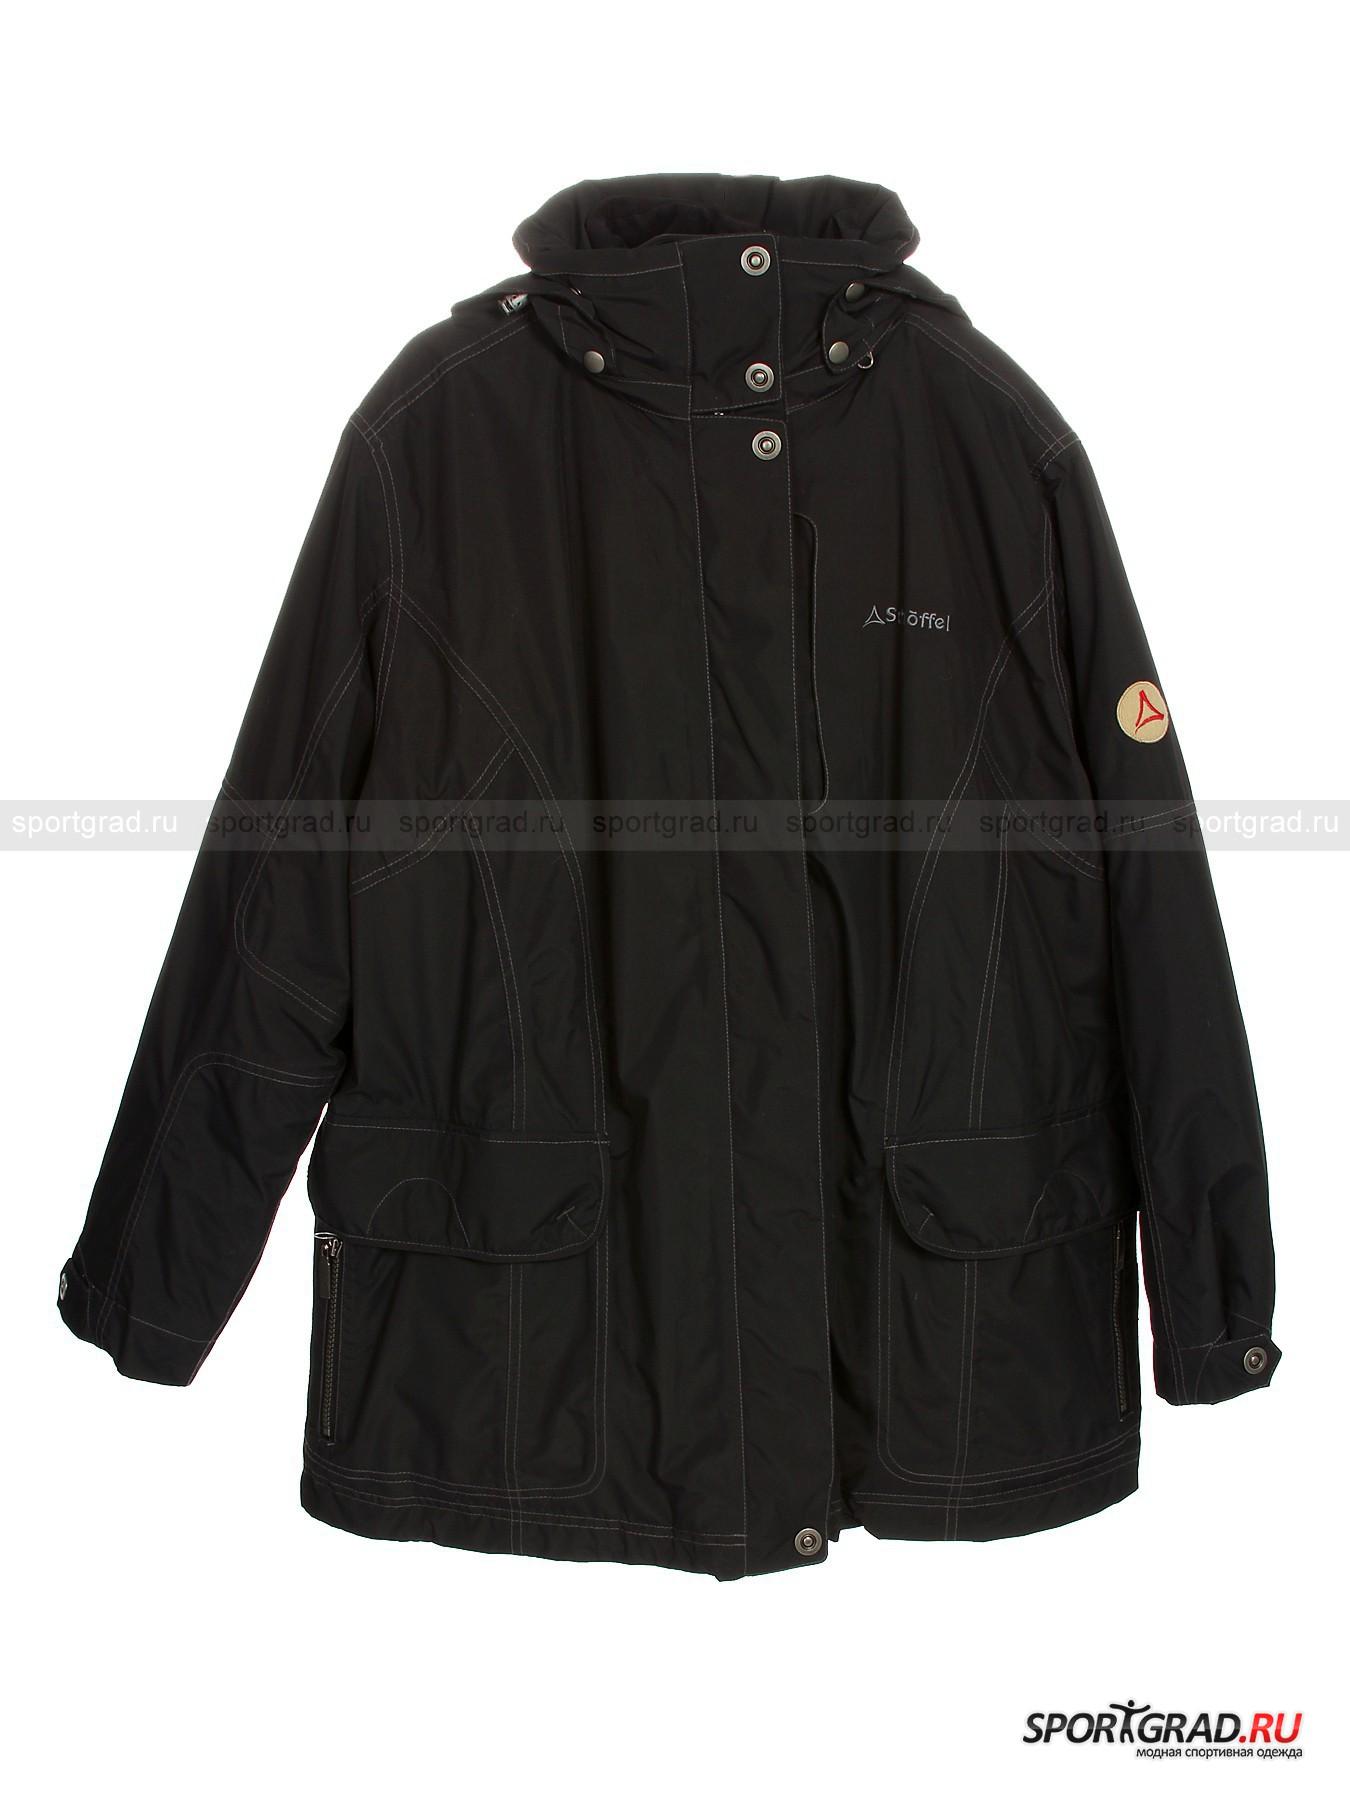 Куртка женская Calypso DJ SCHOFFELКуртки<br><br><br>Пол: Женский<br>Возраст: Взрослый<br>Тип: Куртки<br>Состав: 100% Пэ100%пу